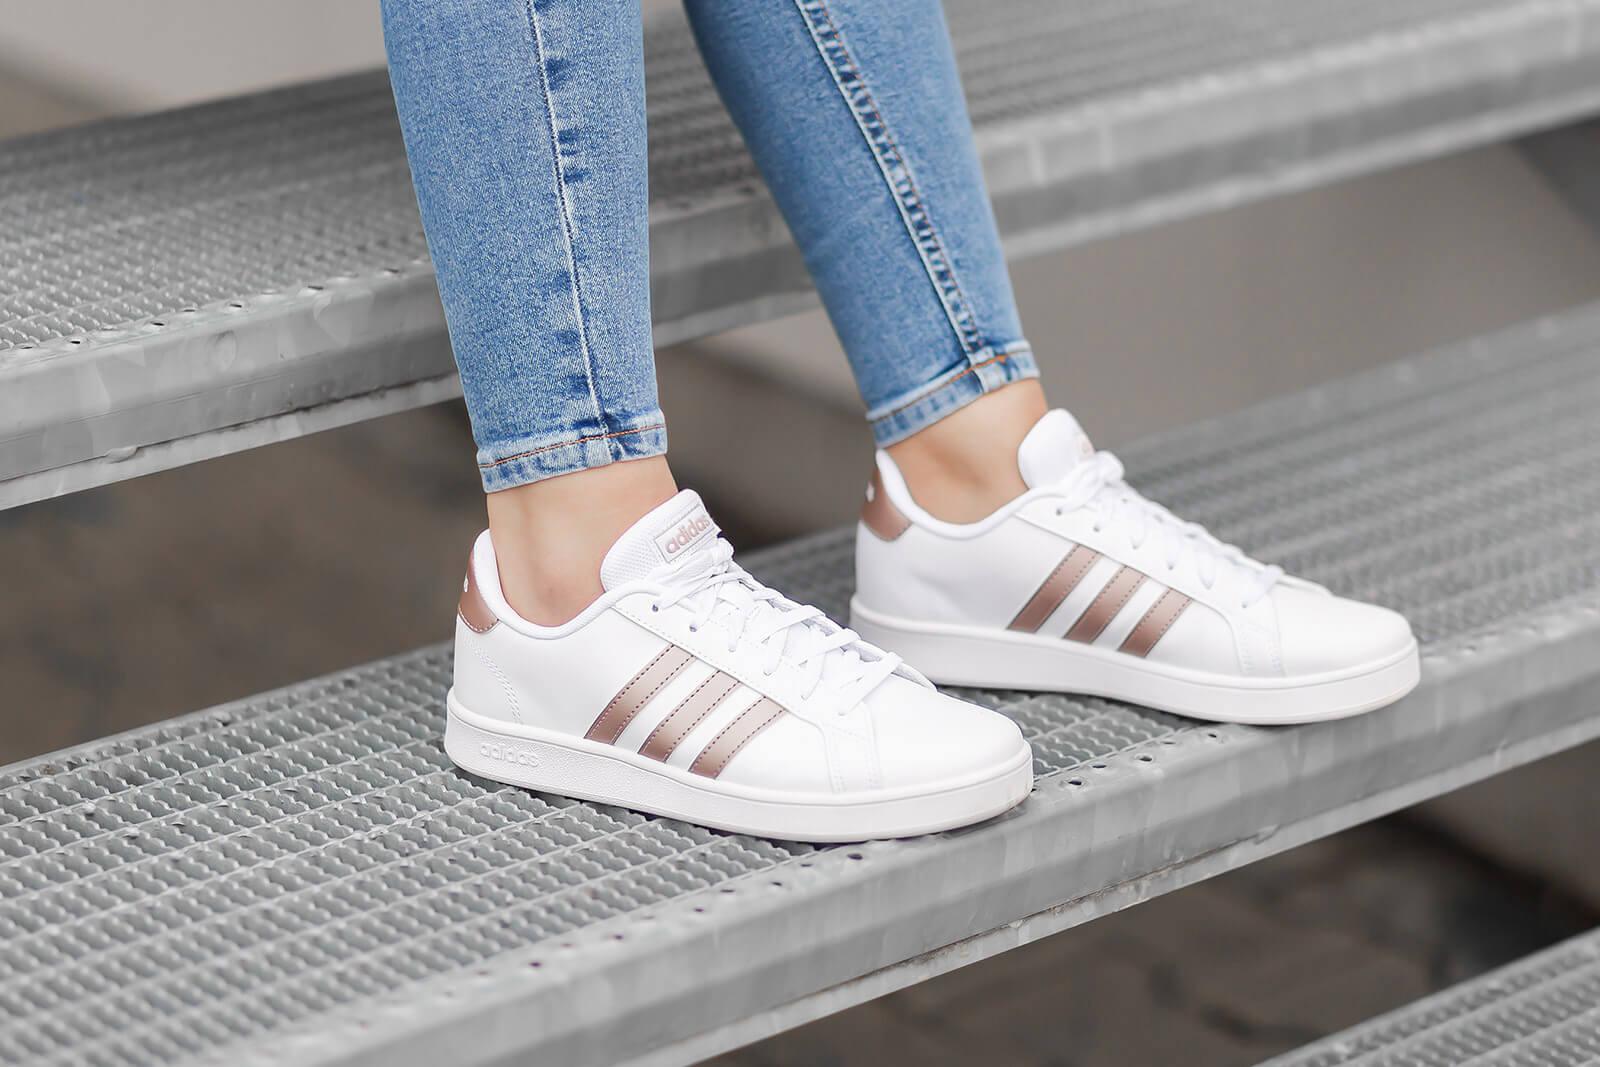 Schuhe für den Übergang, Sneaker, Schuhtrends Frühling 2021, Shoelove by Deichmann